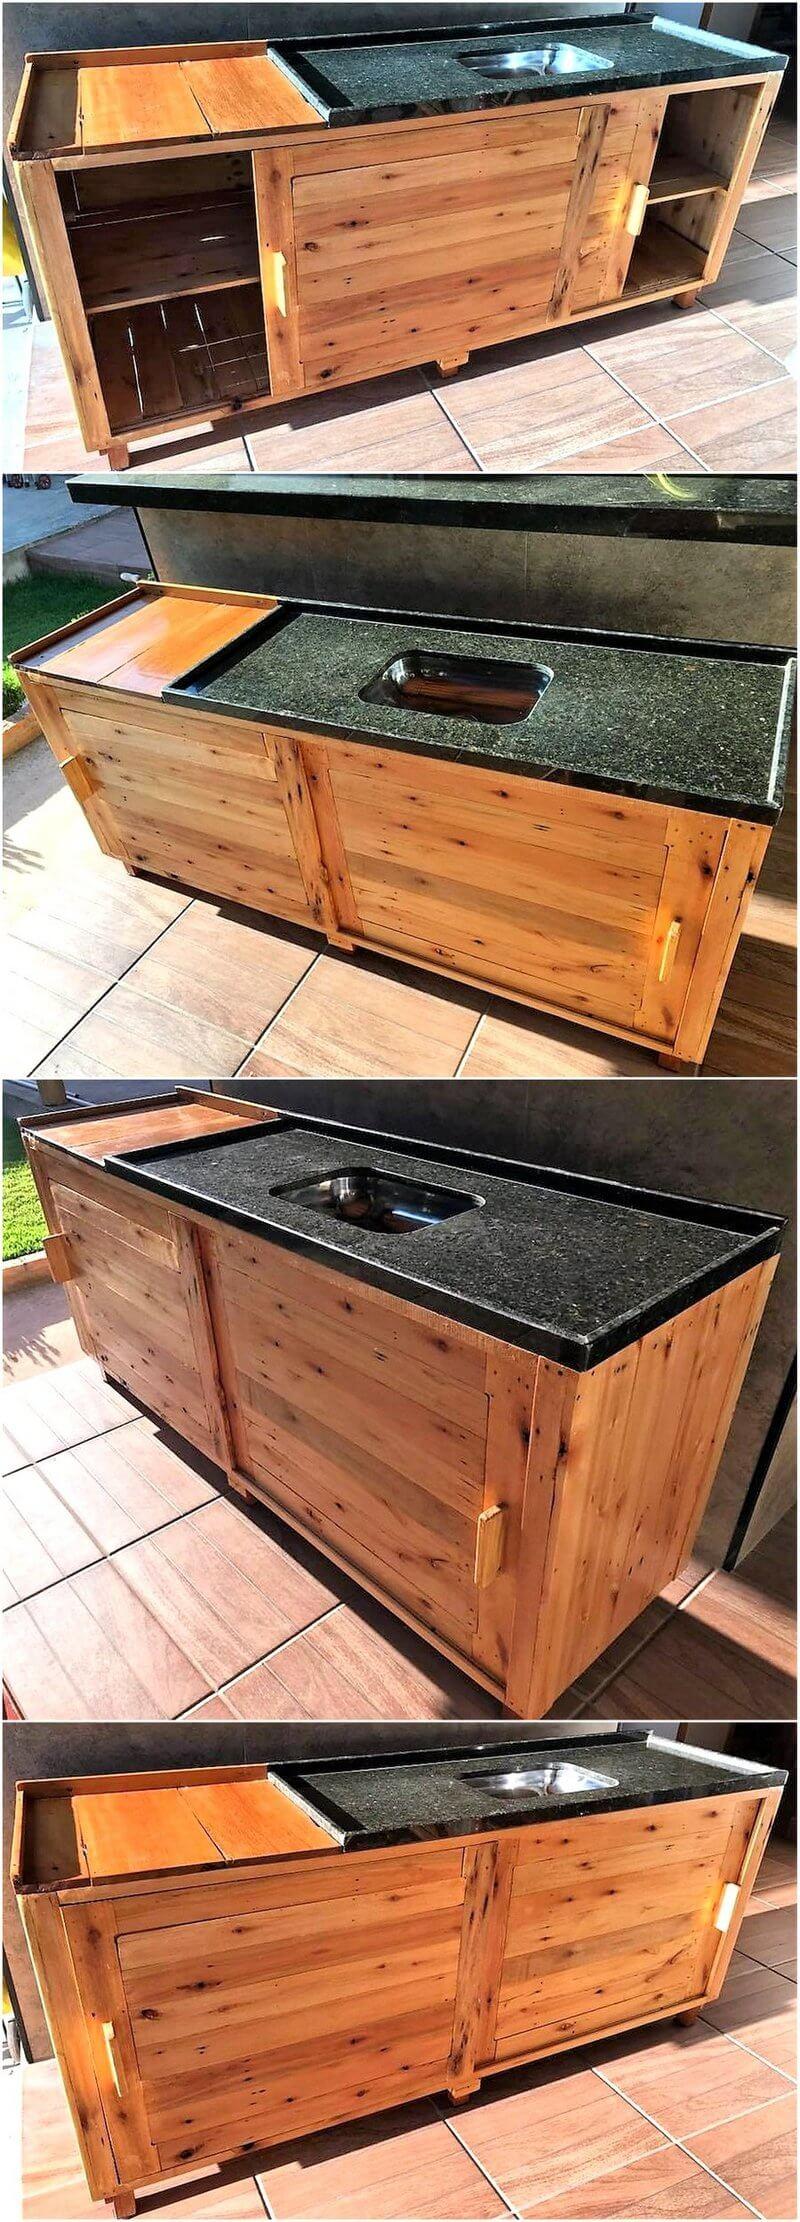 wooden pallets kitchen plan